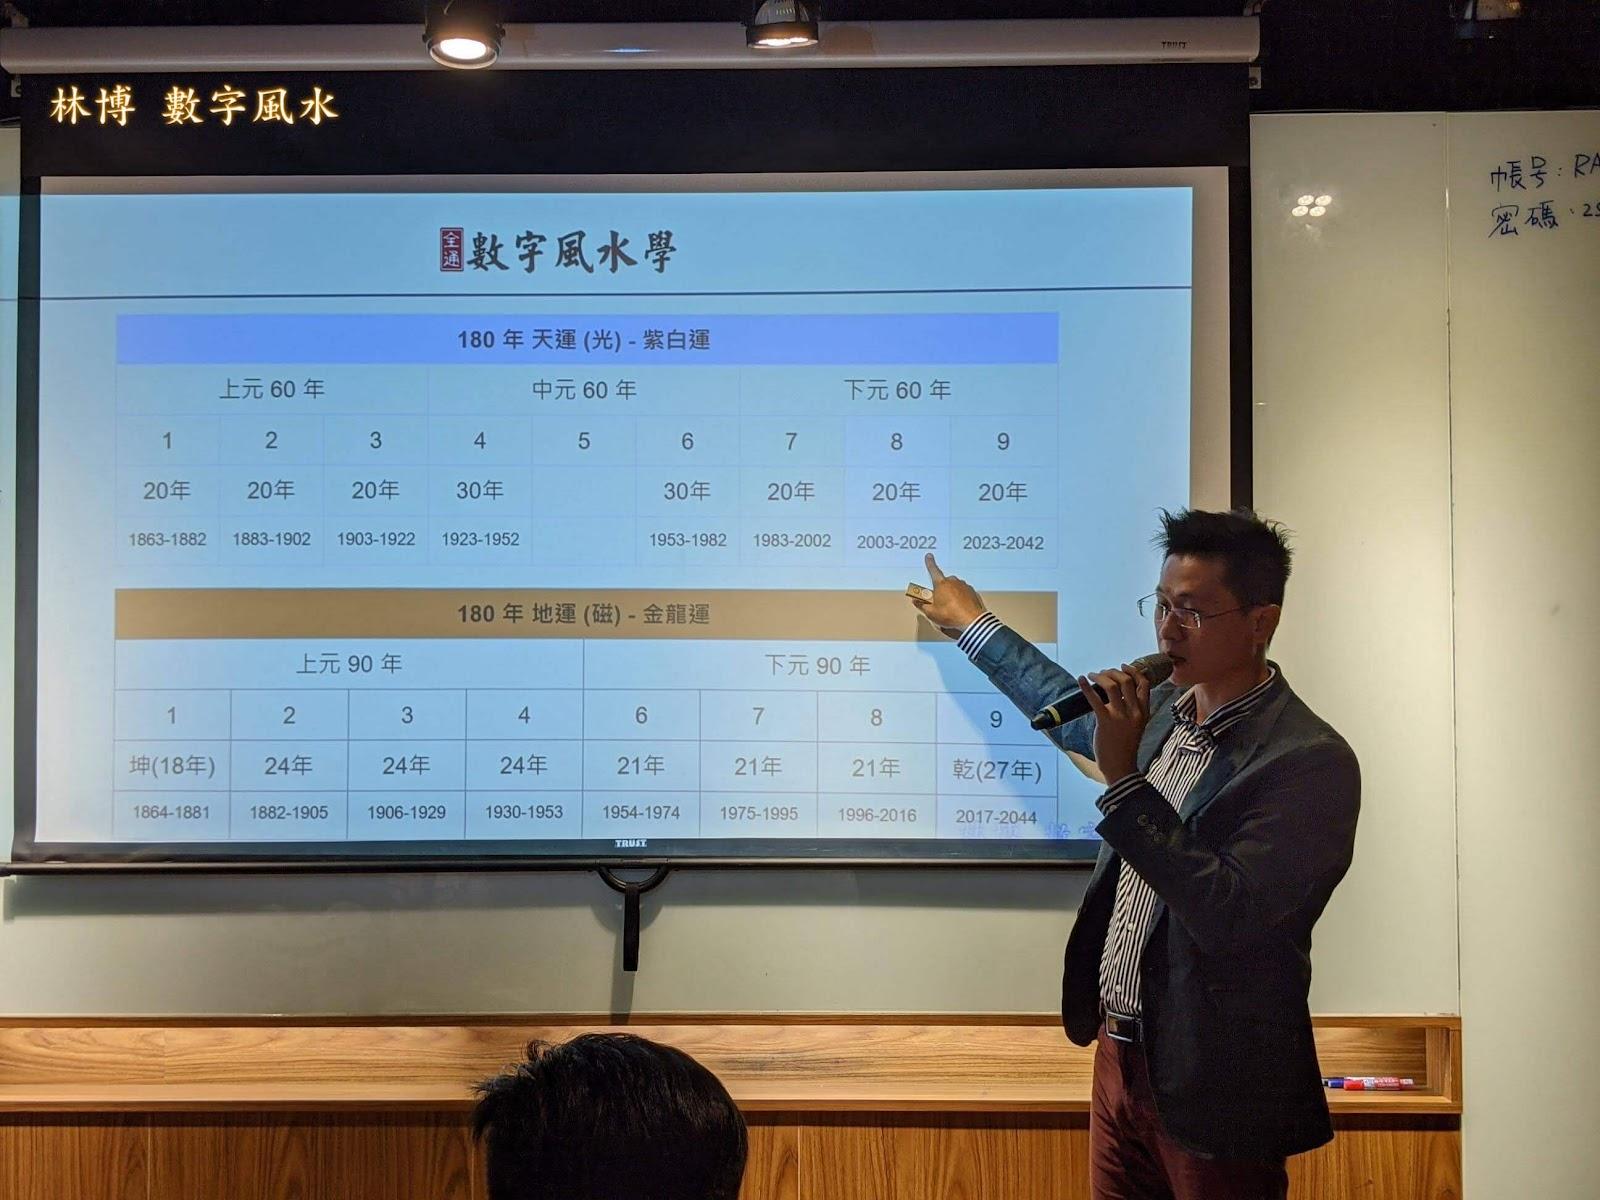 風水理論完整解釋,融入數字能量,林博老師完整展示數字風水的起源